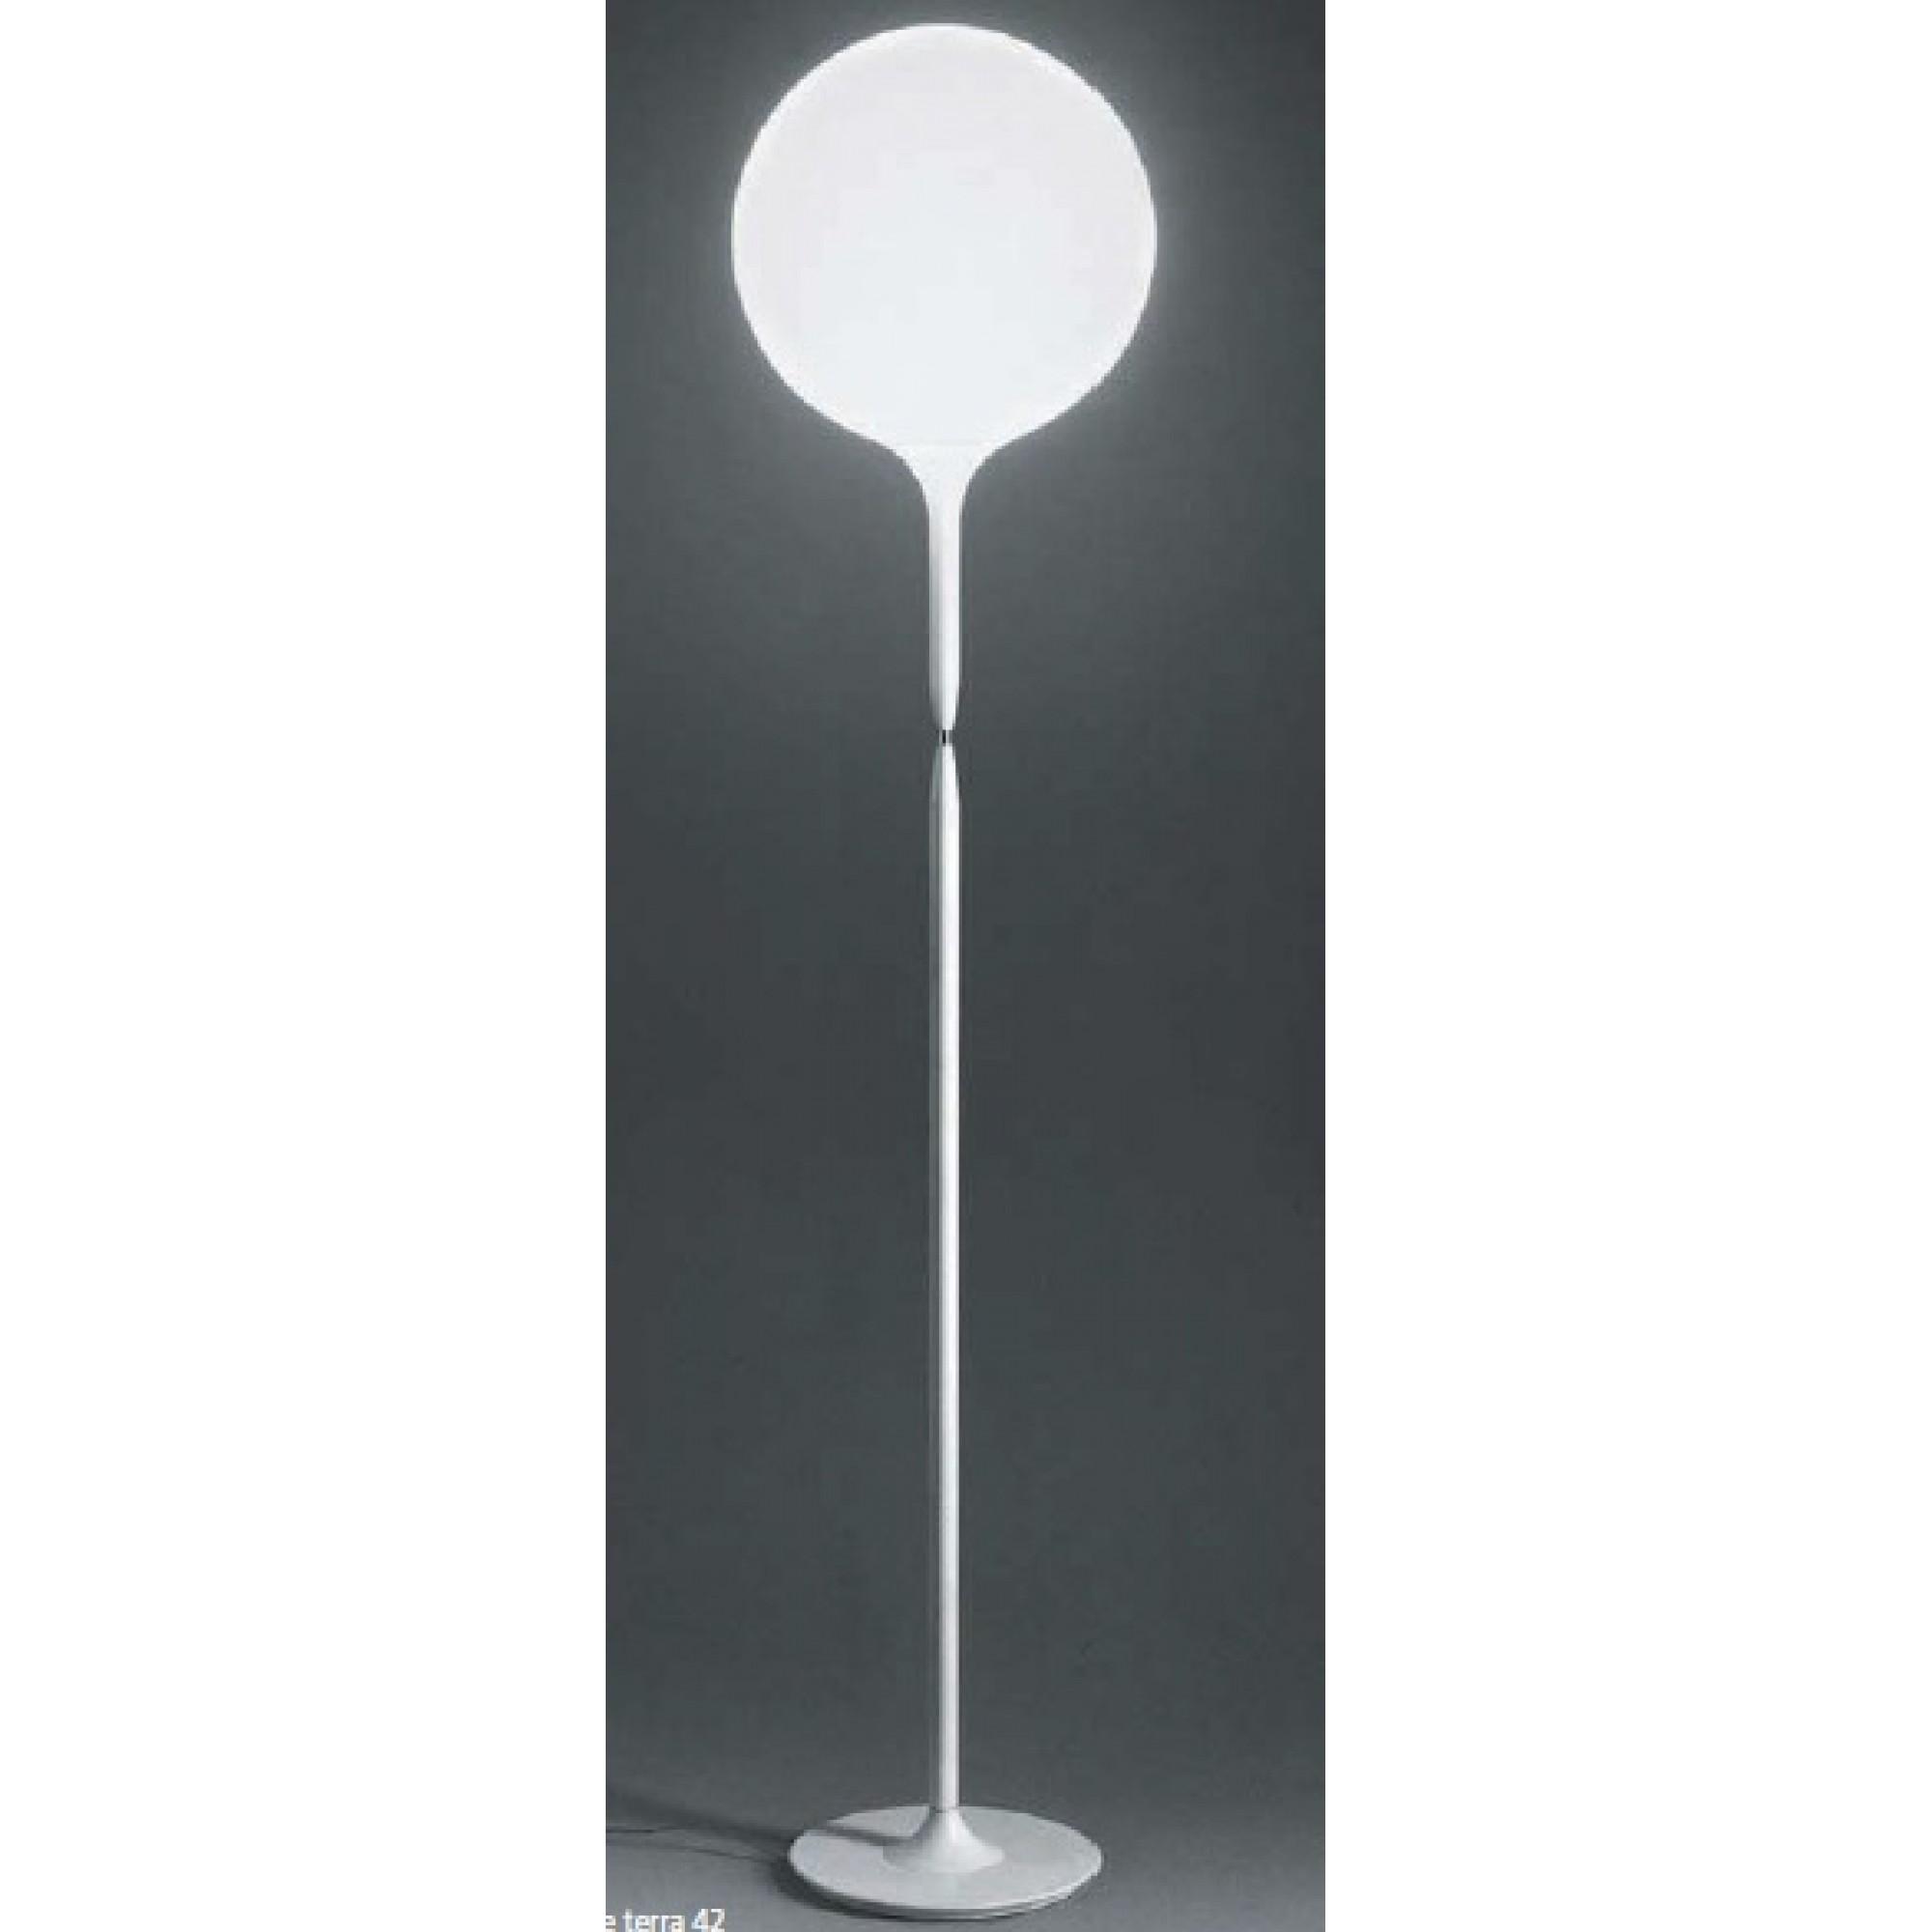 CASTORE TERRA 42 FLOOR LAMP - Modern -  ARTEMIDE